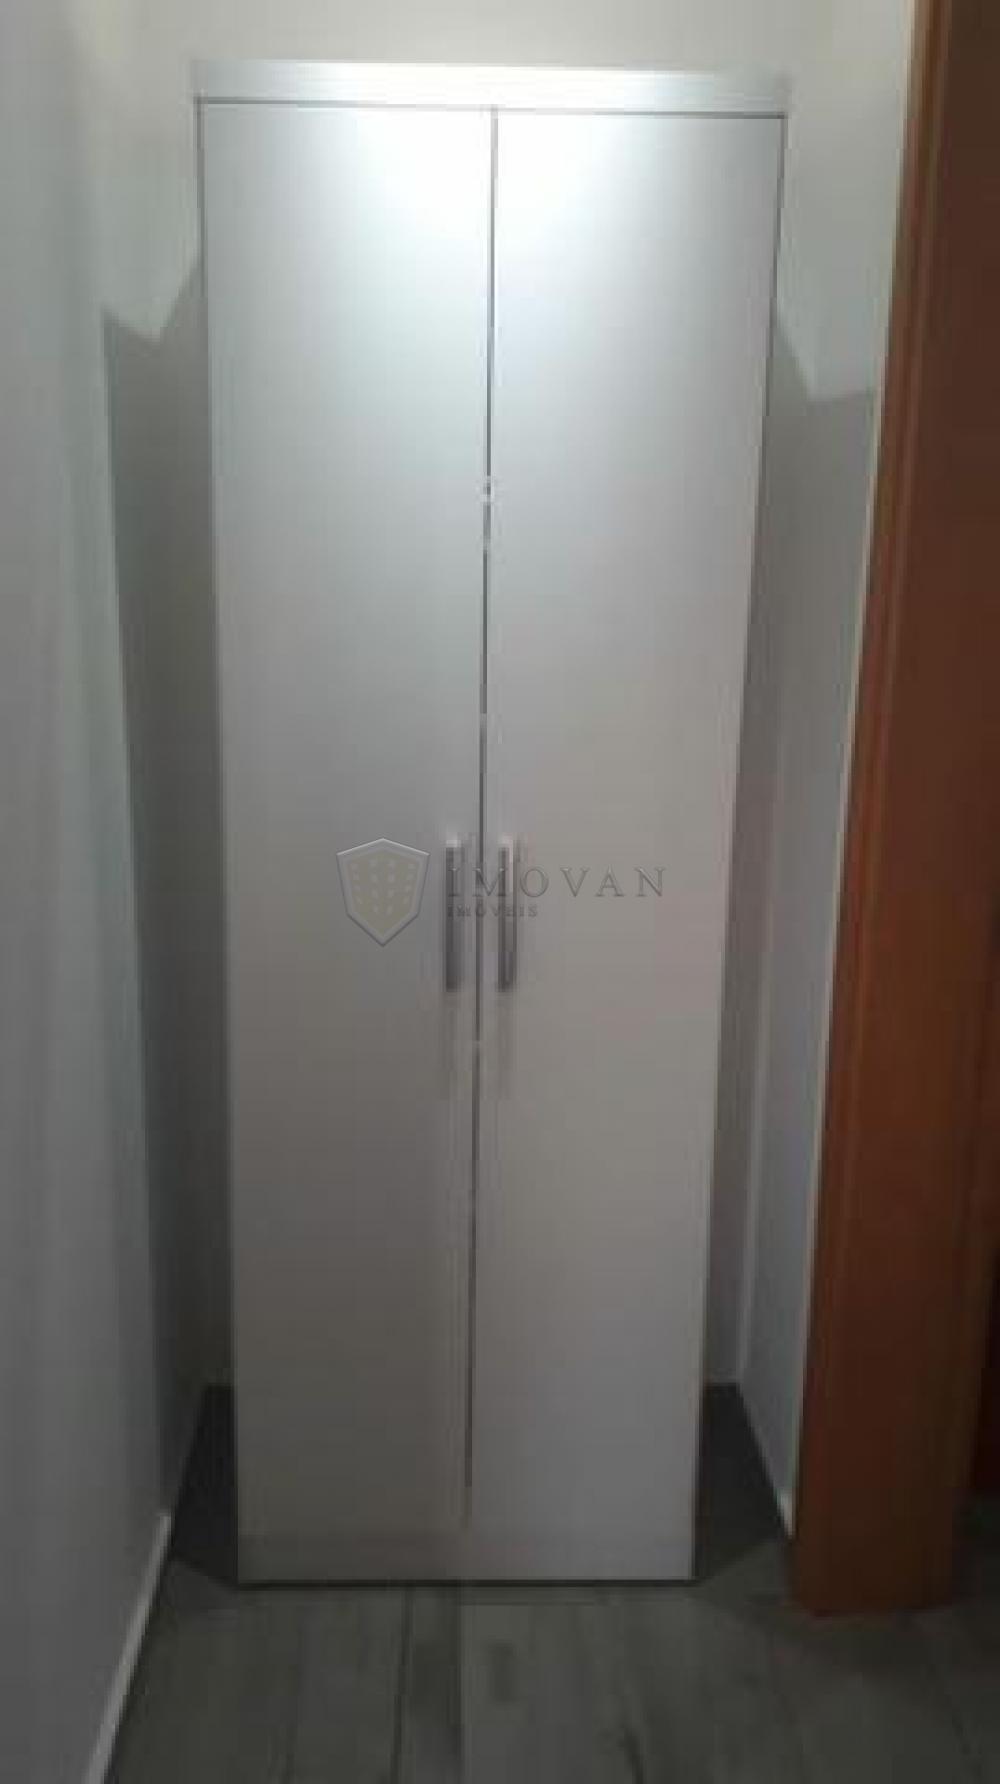 Comprar Apartamento / Padrão em Ribeirão Preto apenas R$ 470.000,00 - Foto 9